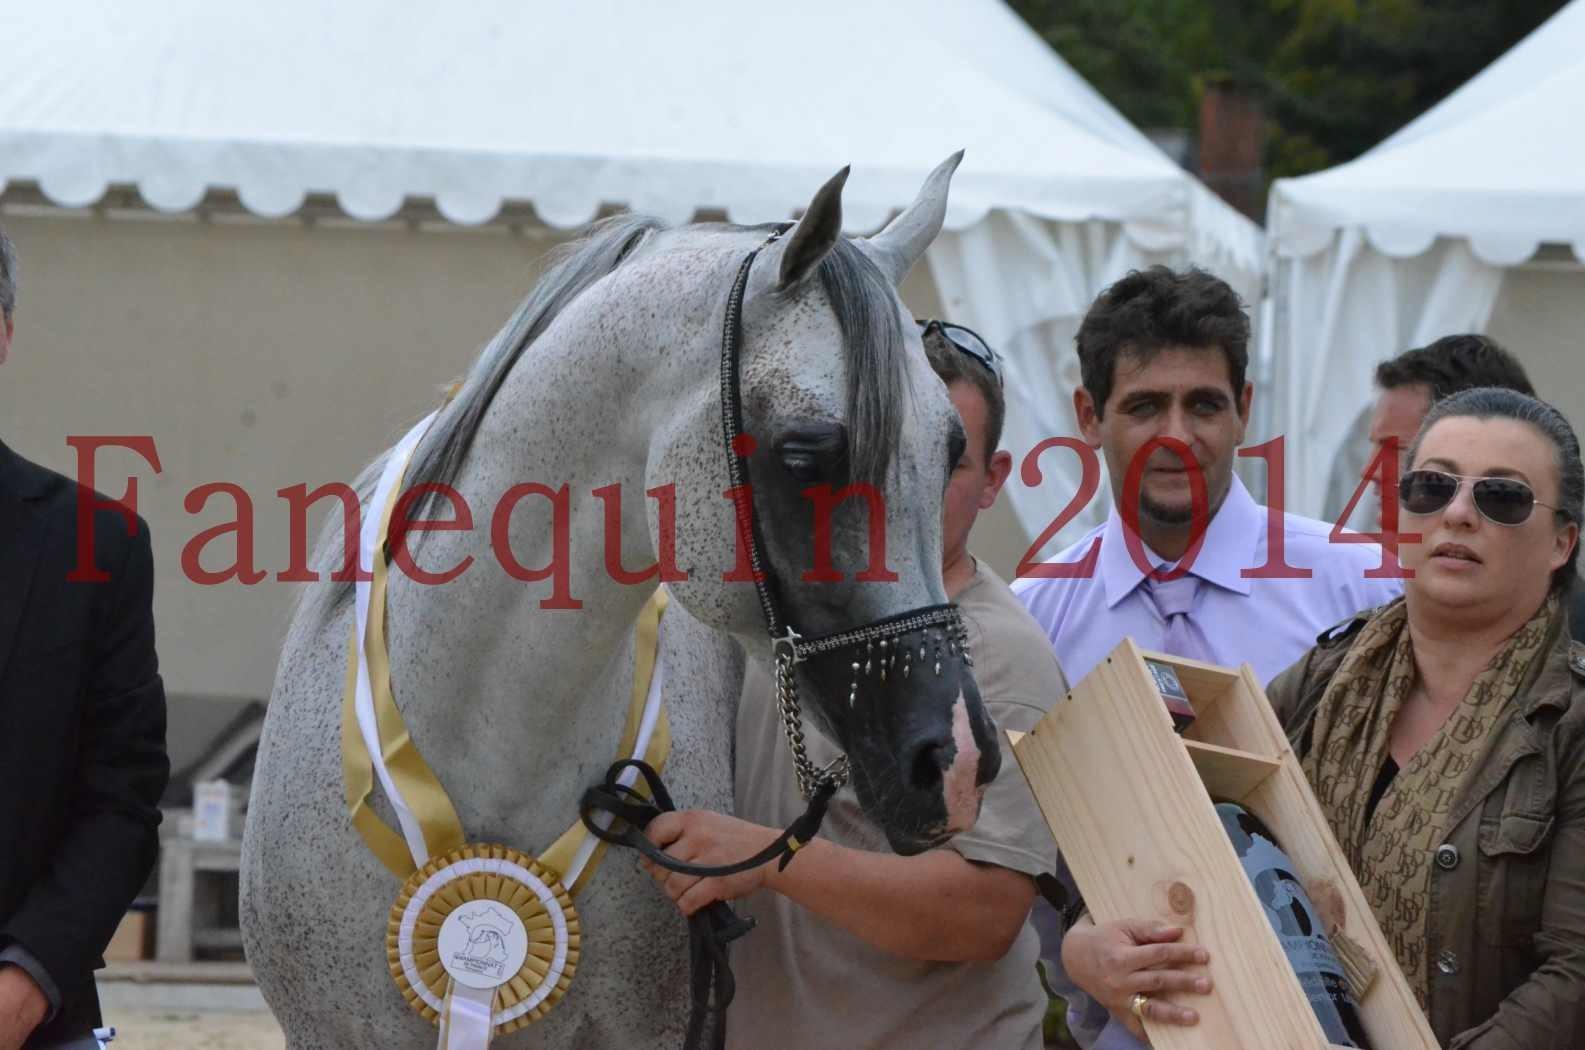 CHAMPIONNAT DE FRANCE  2014 A POMPADOUR - Championnat - SHEYK DE GARGASSAN - 25